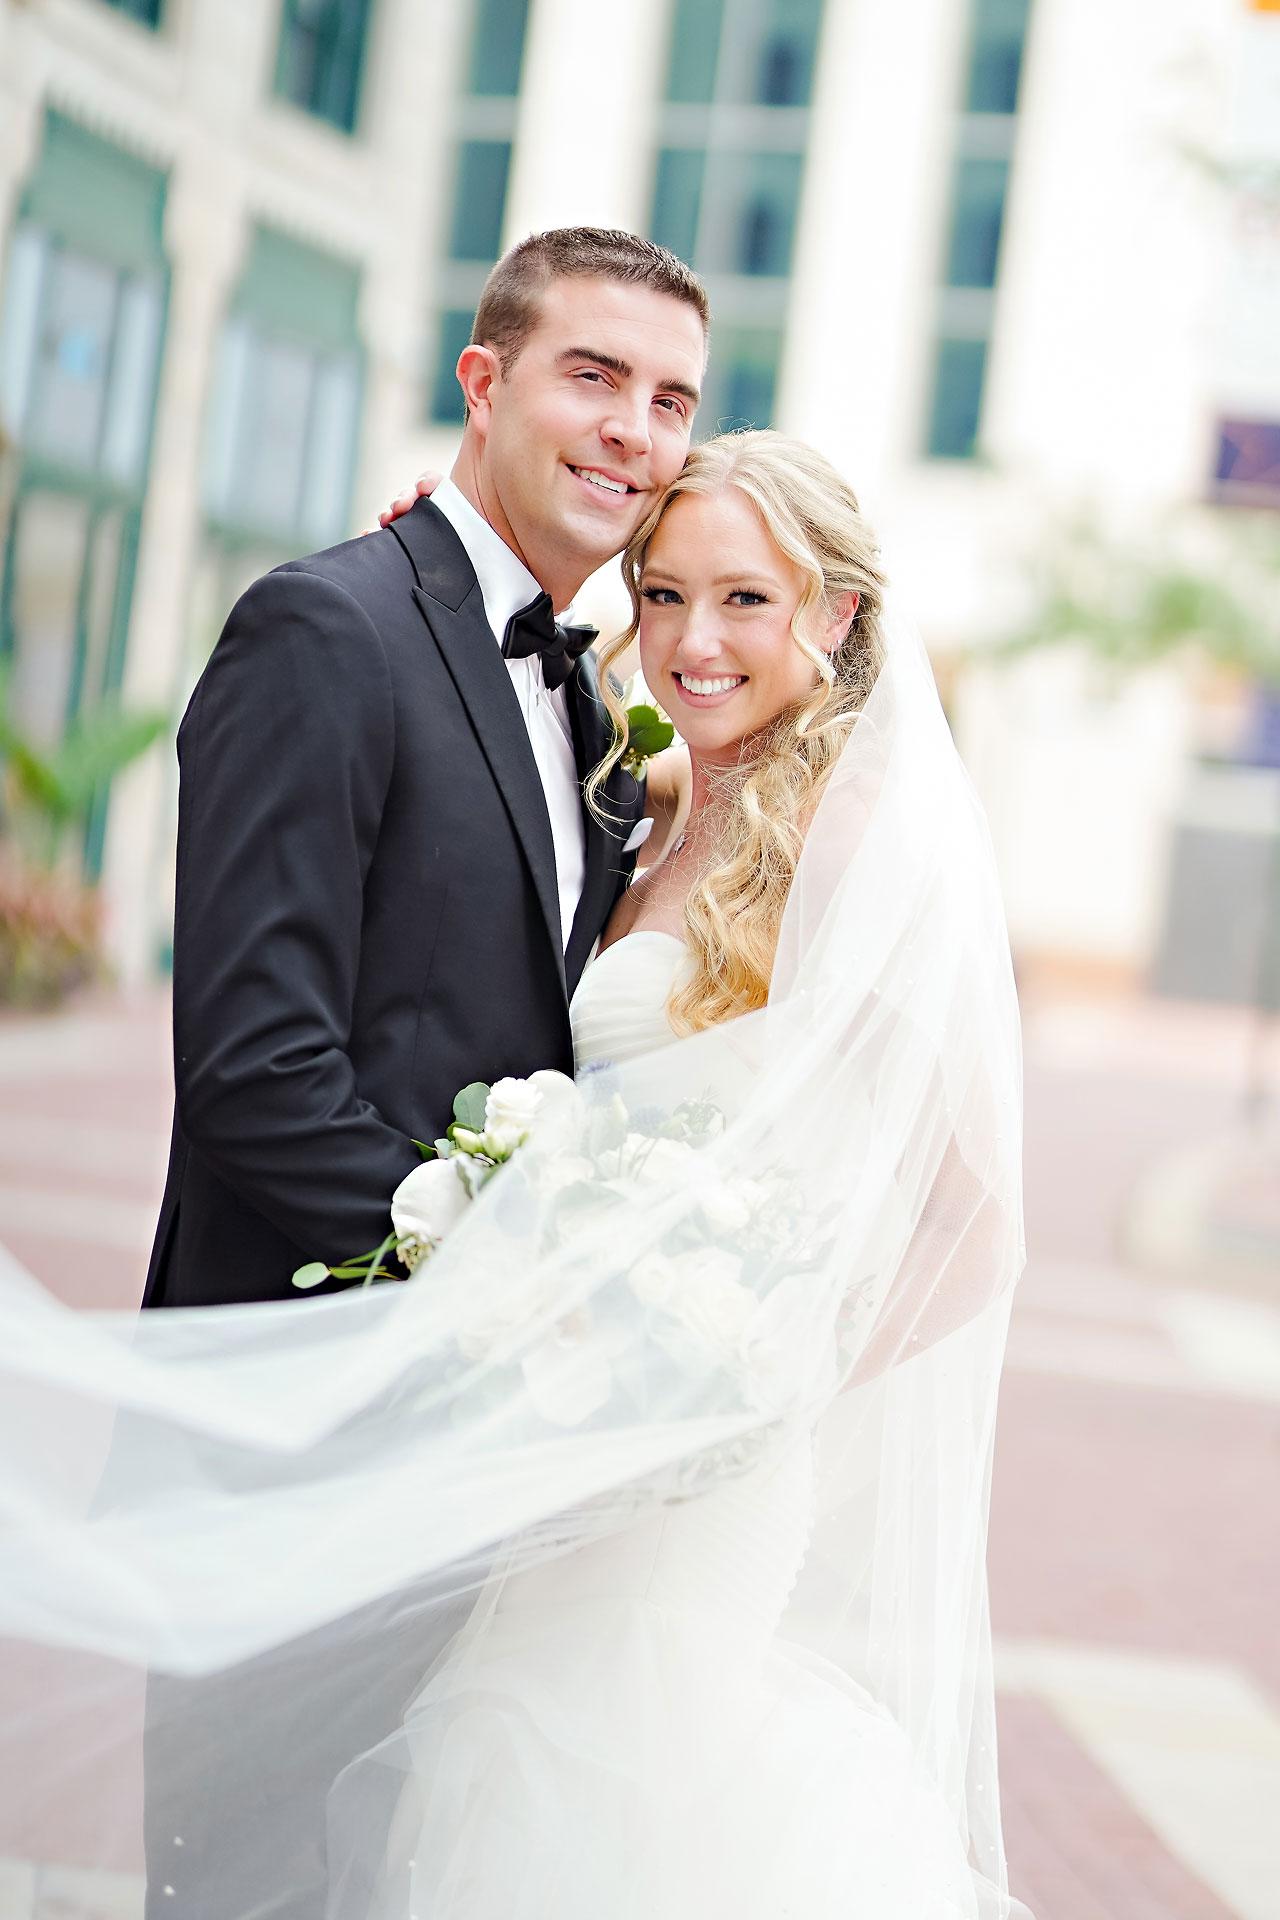 Liz Zach Conrad Artsgarden Indianapolis Wedding 059